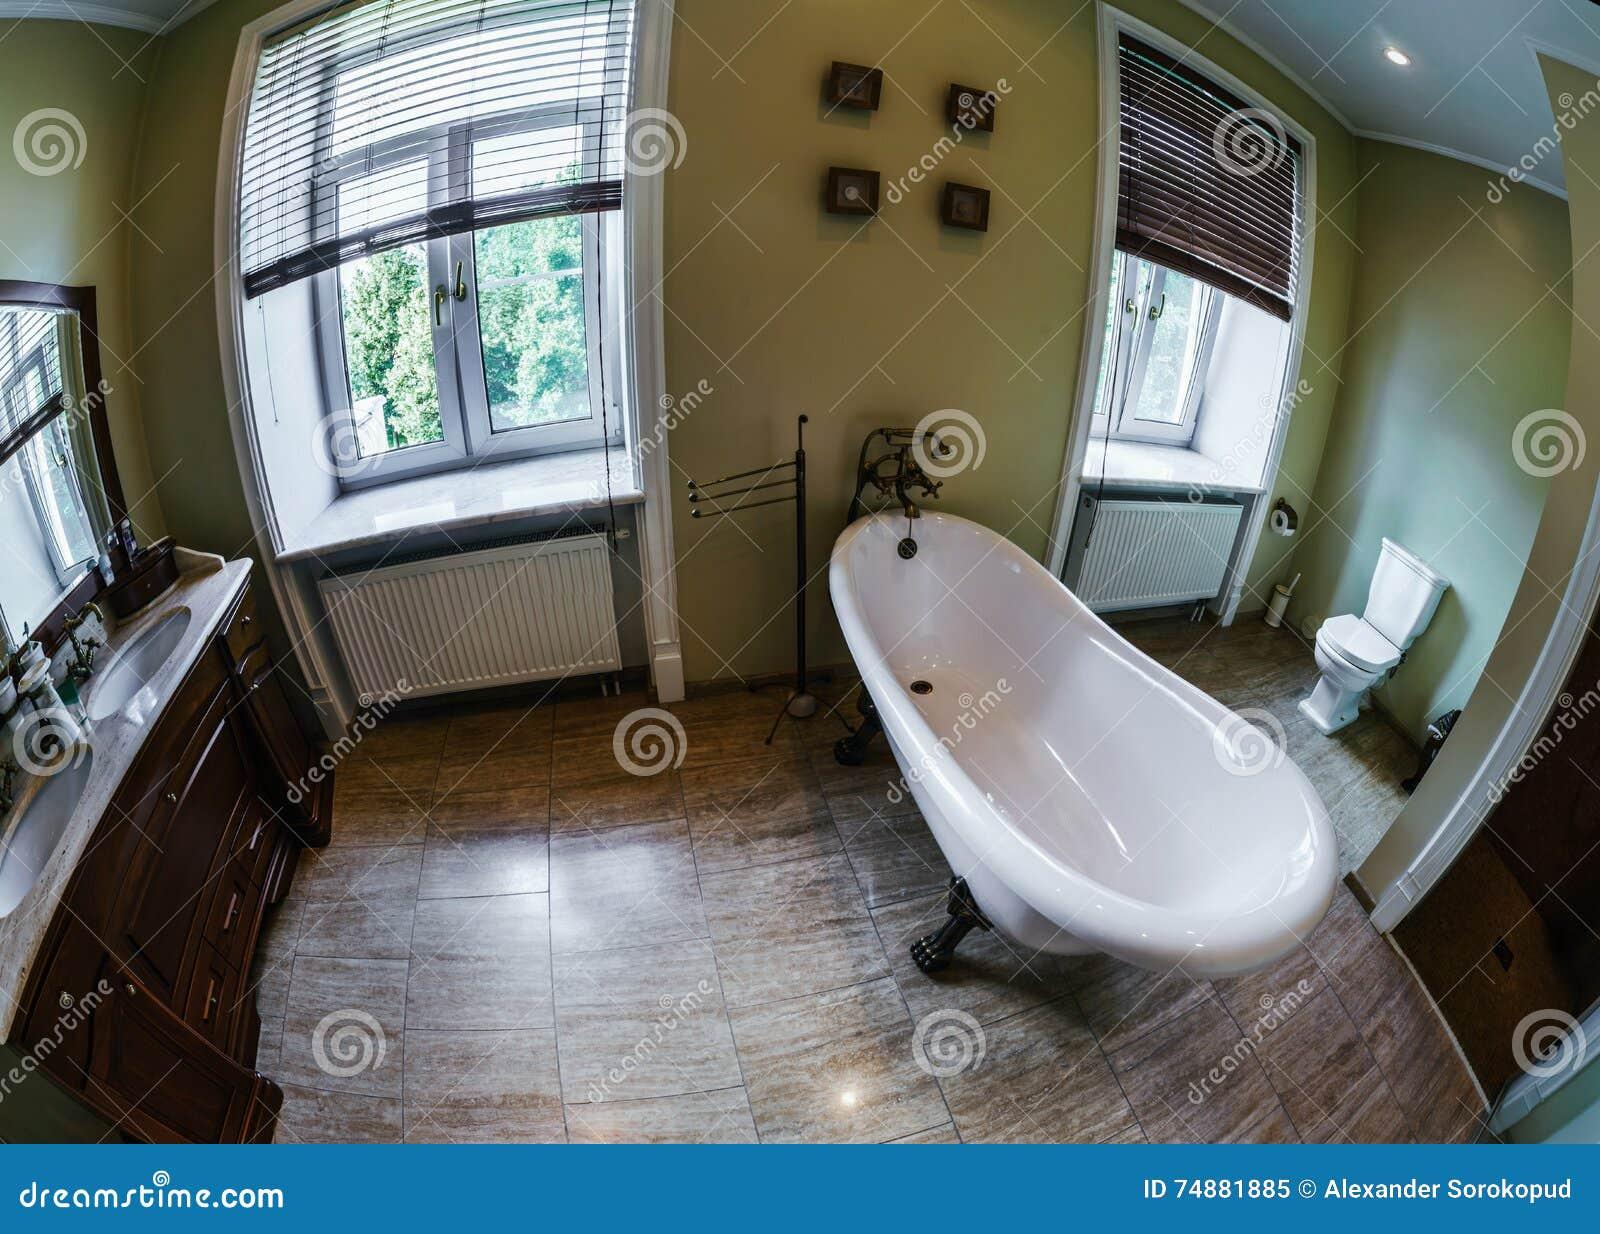 Renovated velho-denominou o banheiro com banho retro bonito